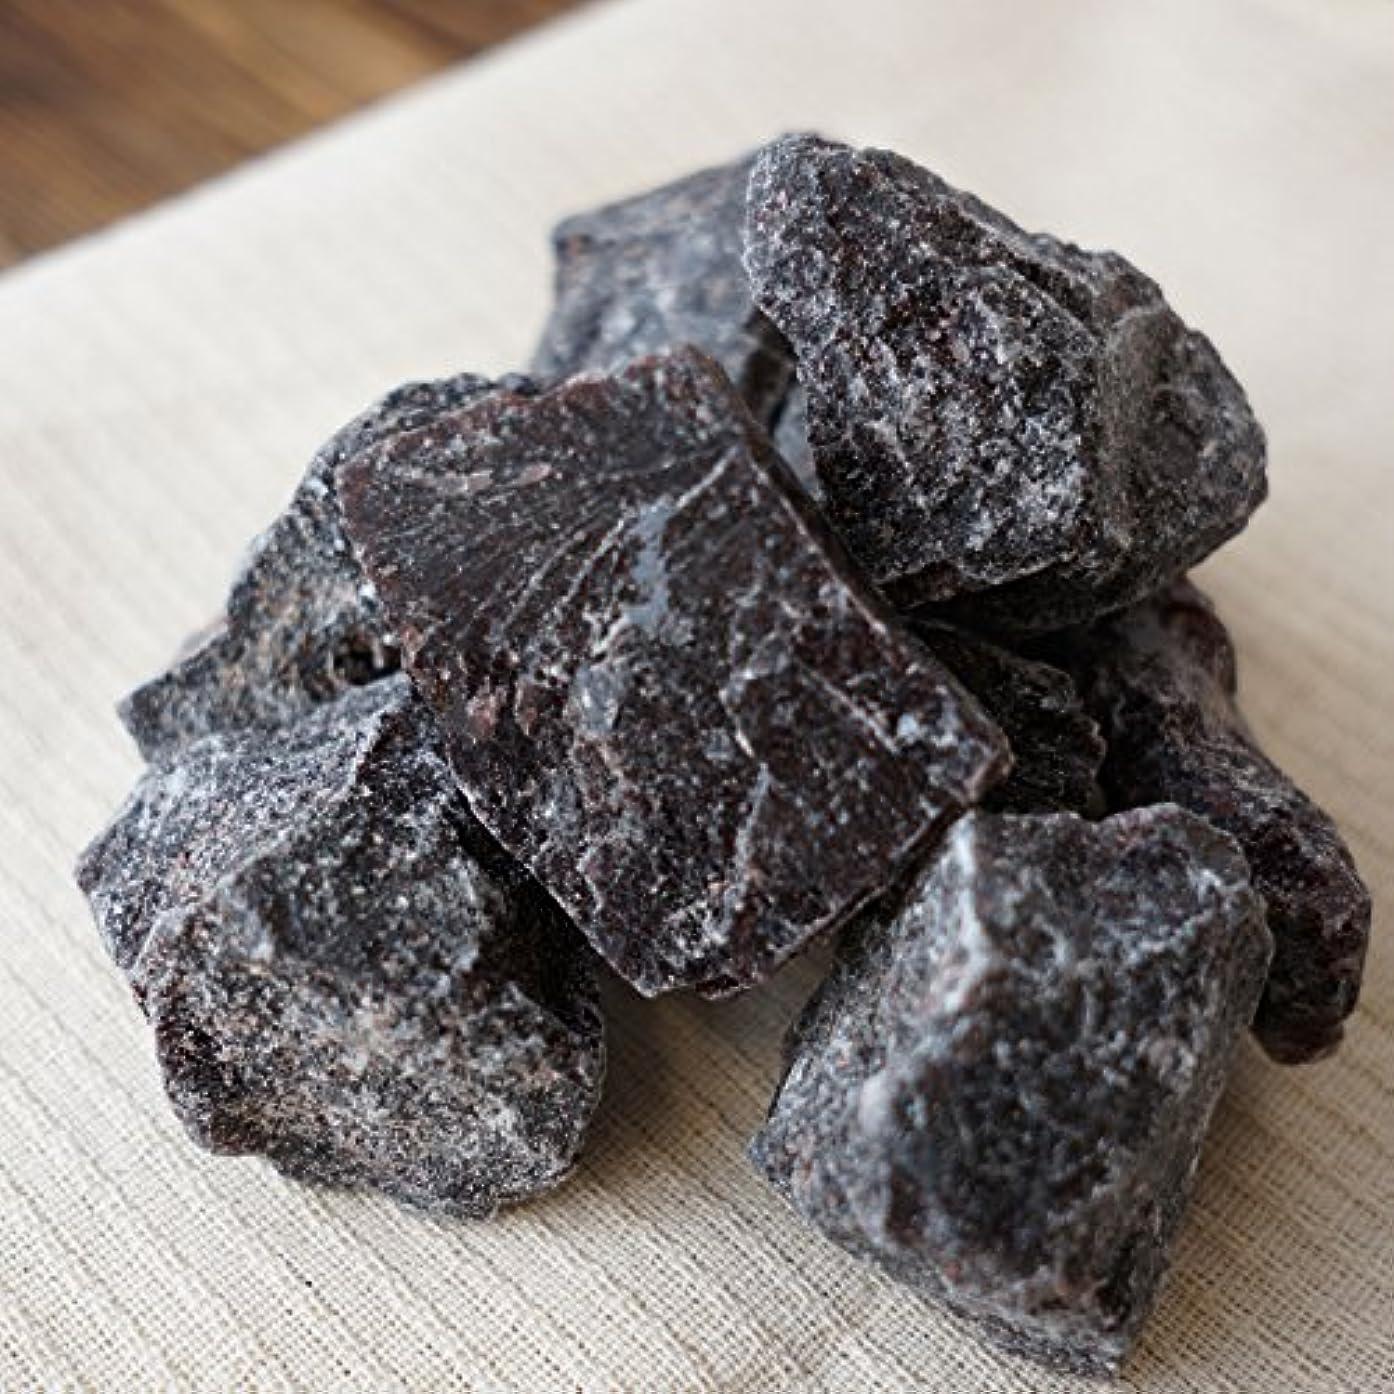 乗算素朴なスキル希少 インド岩塩 ルビー ブロック 約2-5cm 20kg 20,000g 原料